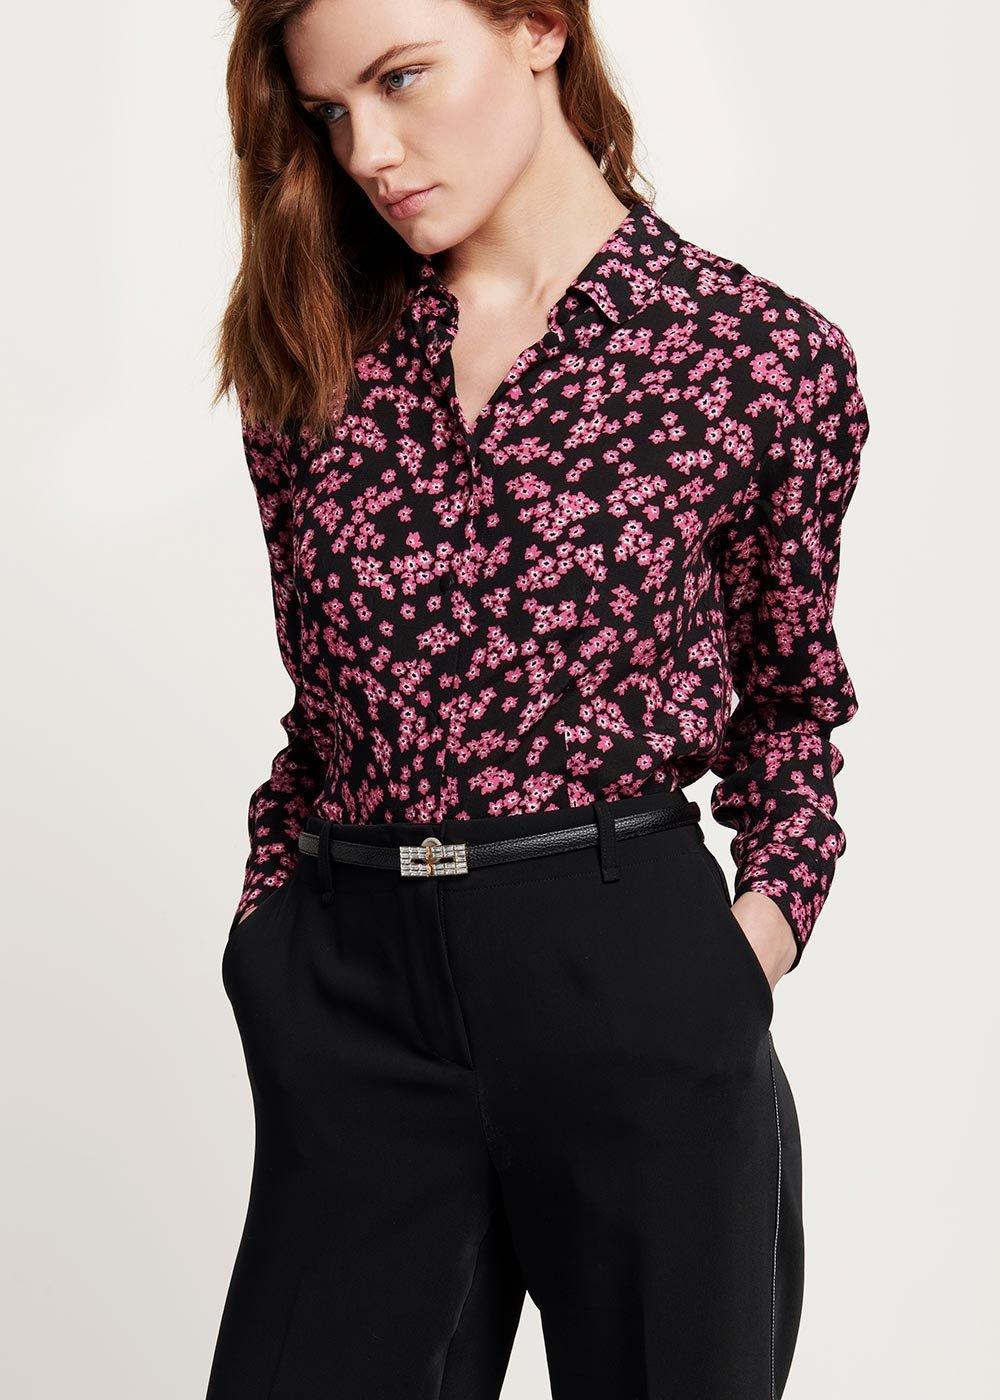 Camicia Alessia stampa fiorata - Black Gloss\Fantasia - Donna